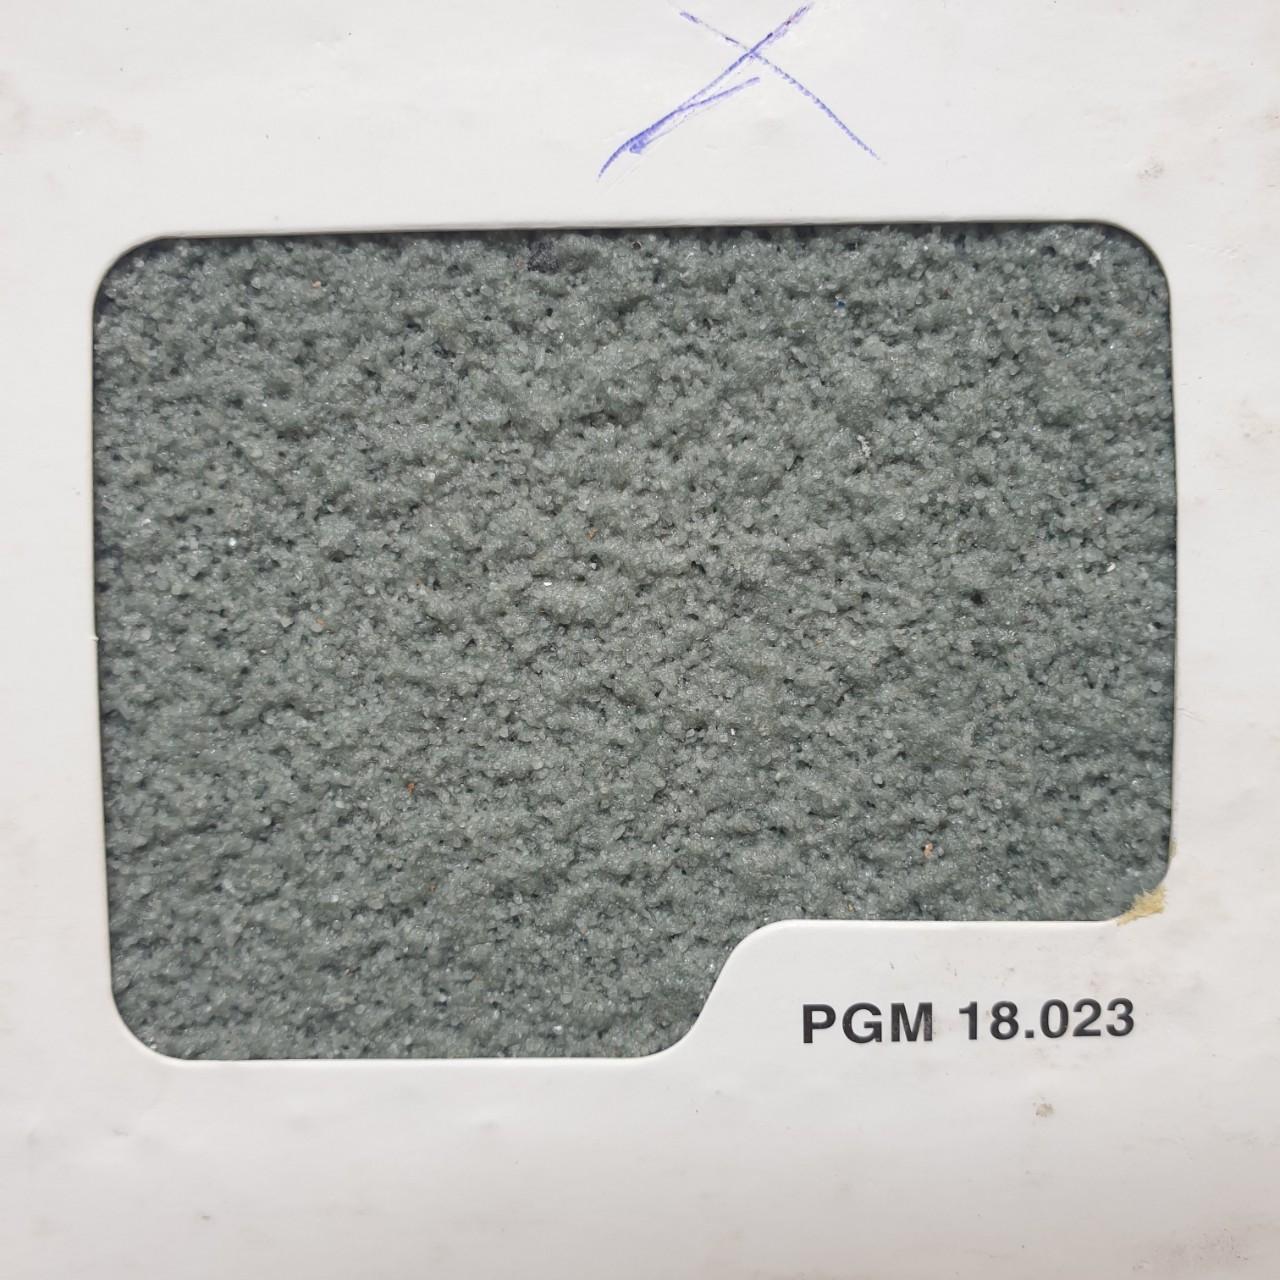 PGM 18.023